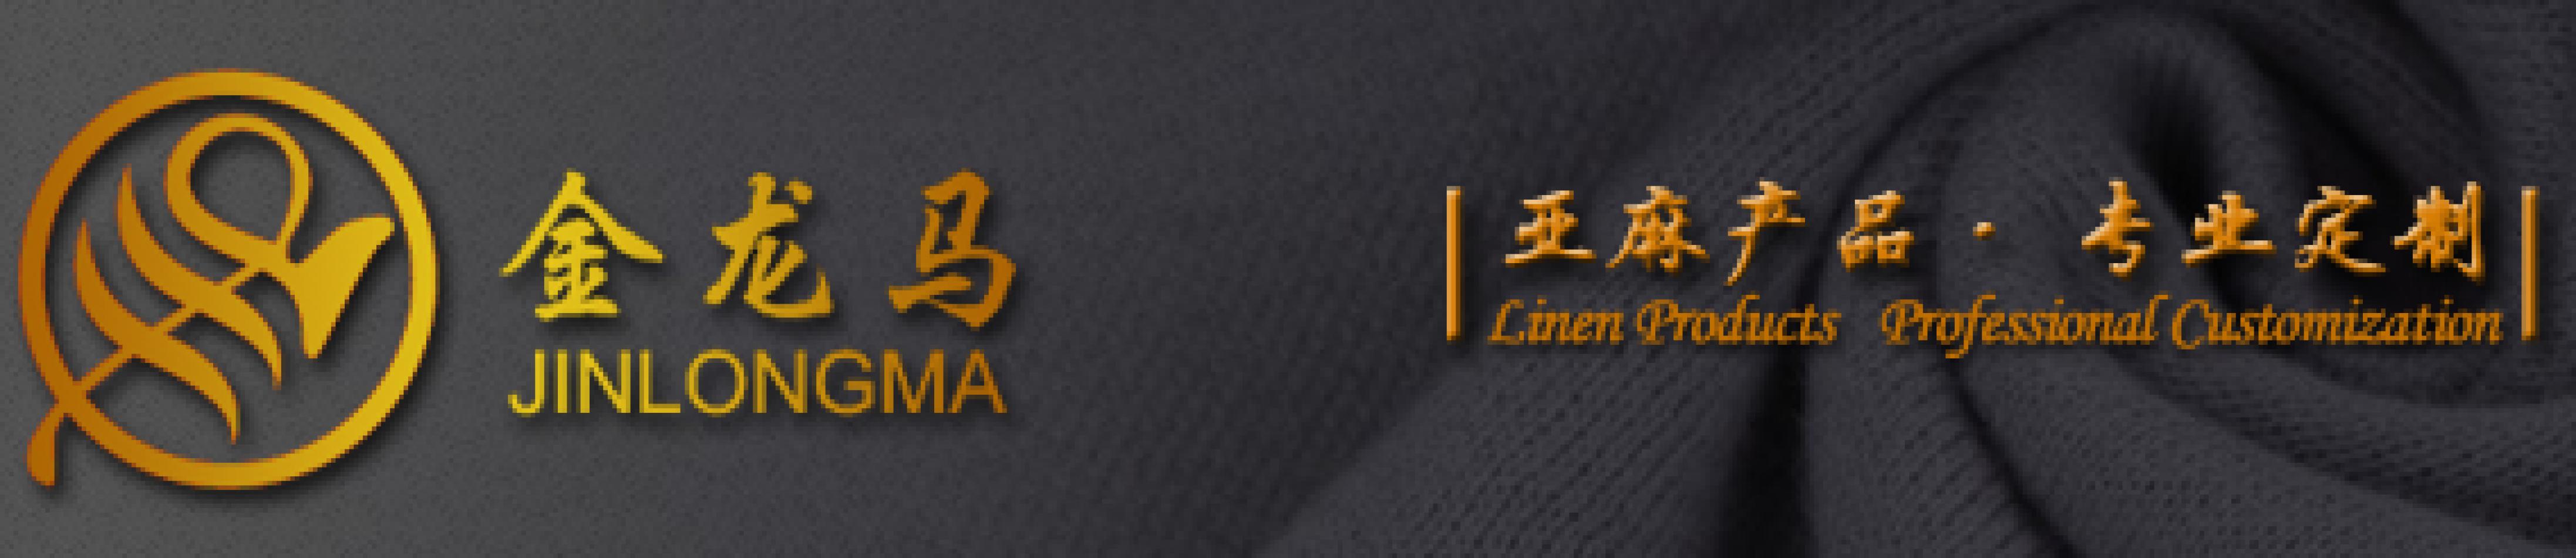 ZHEJIANG ZAIXIN TEXTILE TECHNOLOGY CO., LTD.